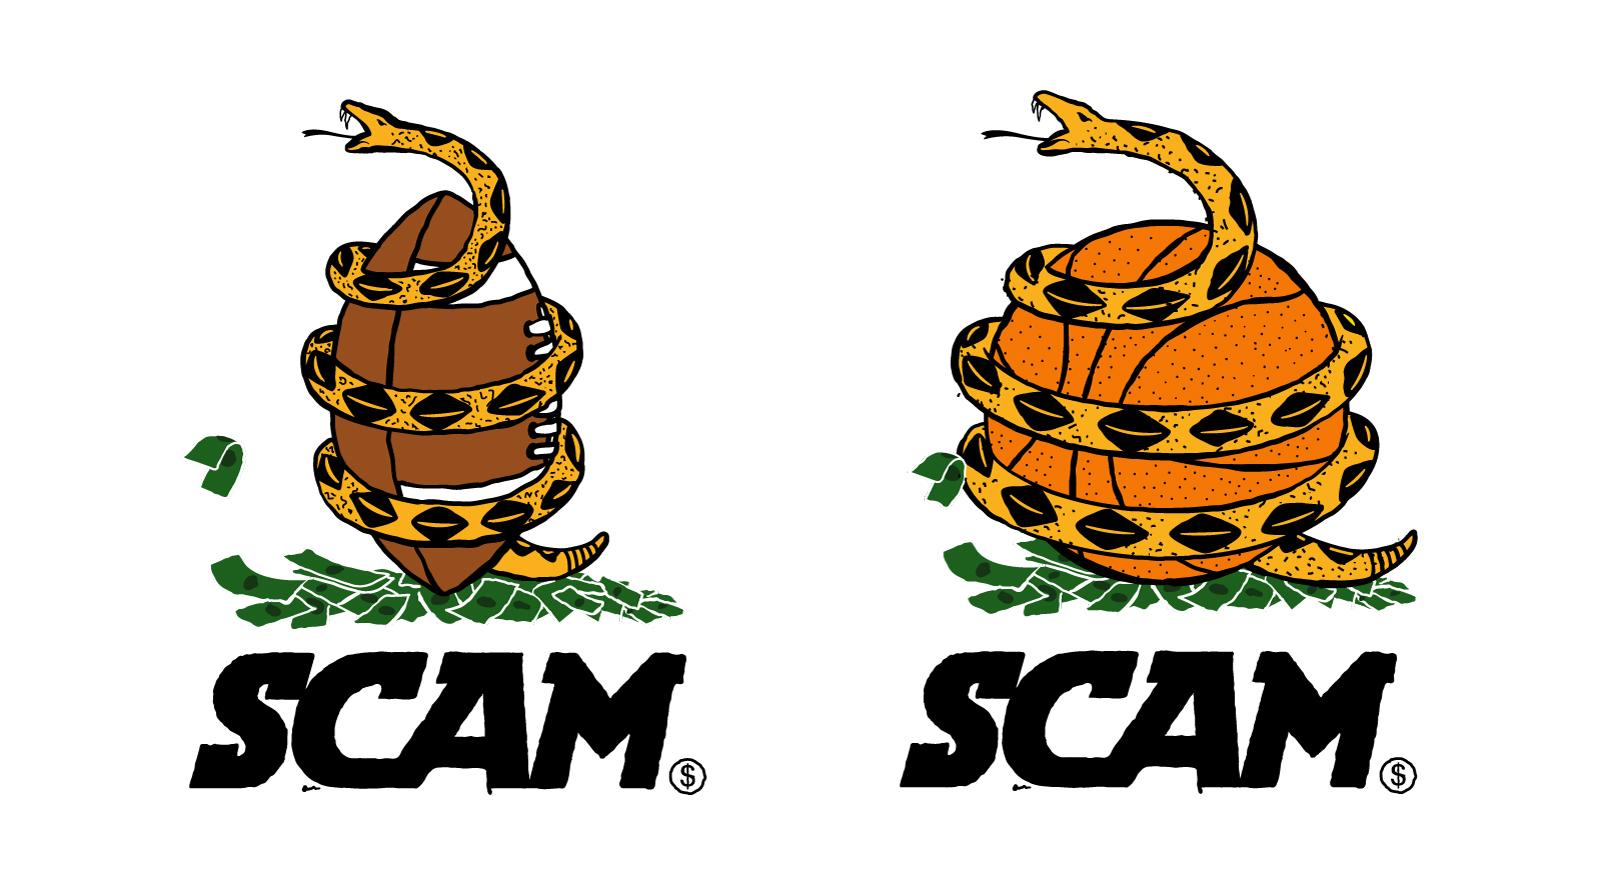 scam_bball_fball.jpg